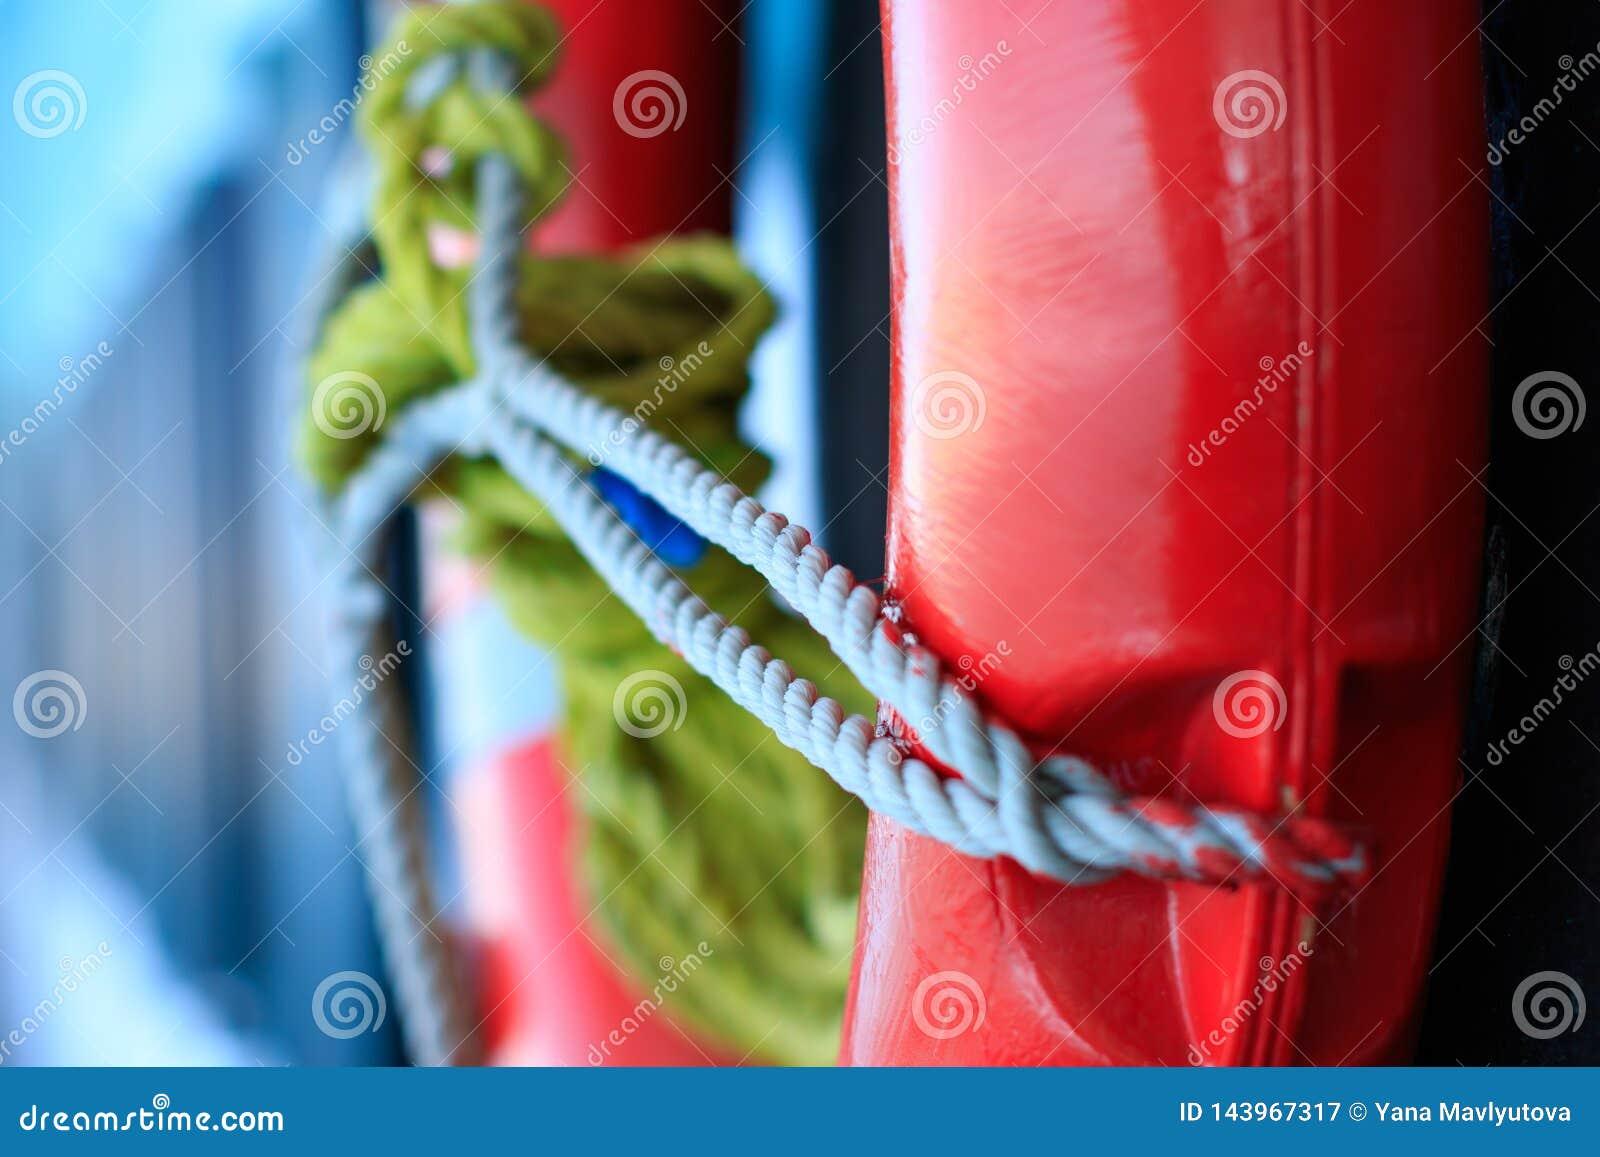 Lebenboje in der roten Farbe mit grauem Seilkabel auf Seeschiffsboot auf unscharfem blauem Hintergrund, Rettungsringsicherheitsre